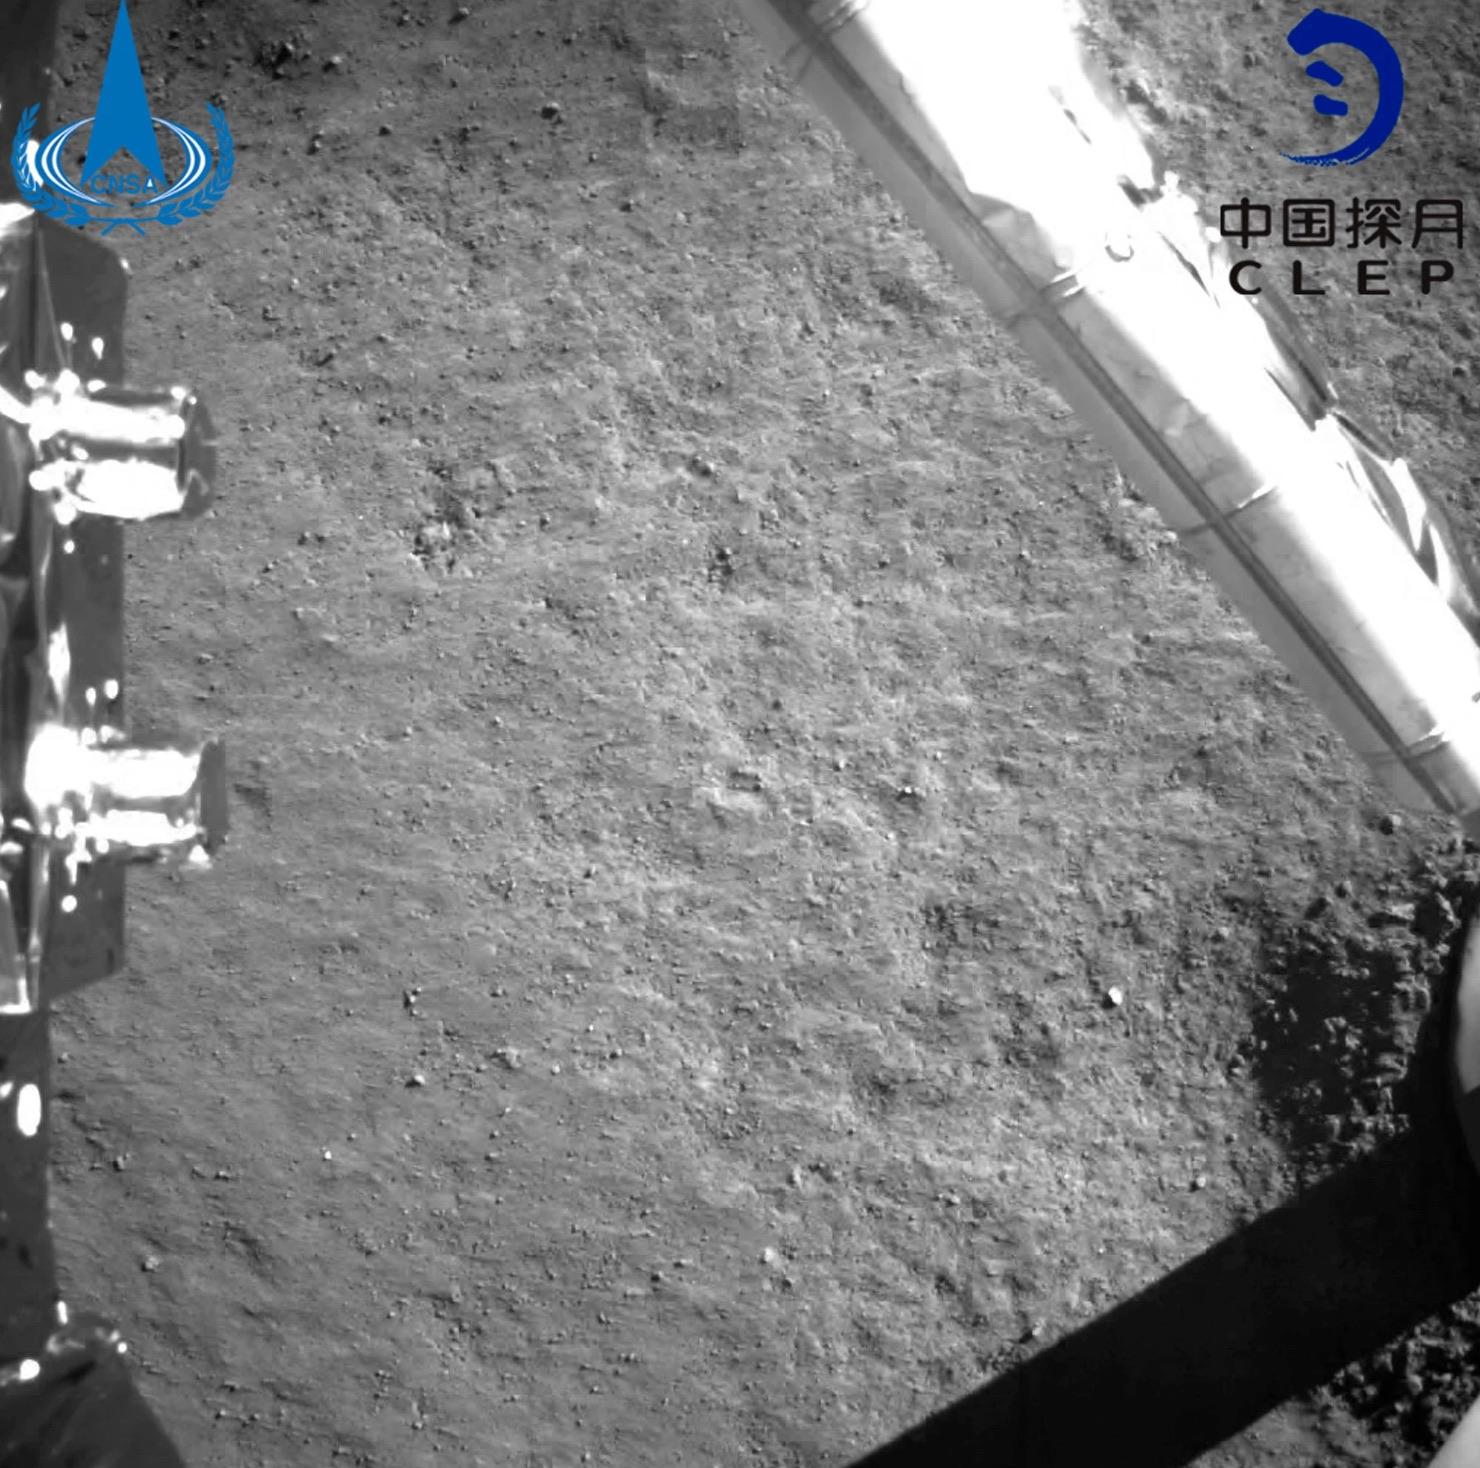 Luna sonda cinese foto